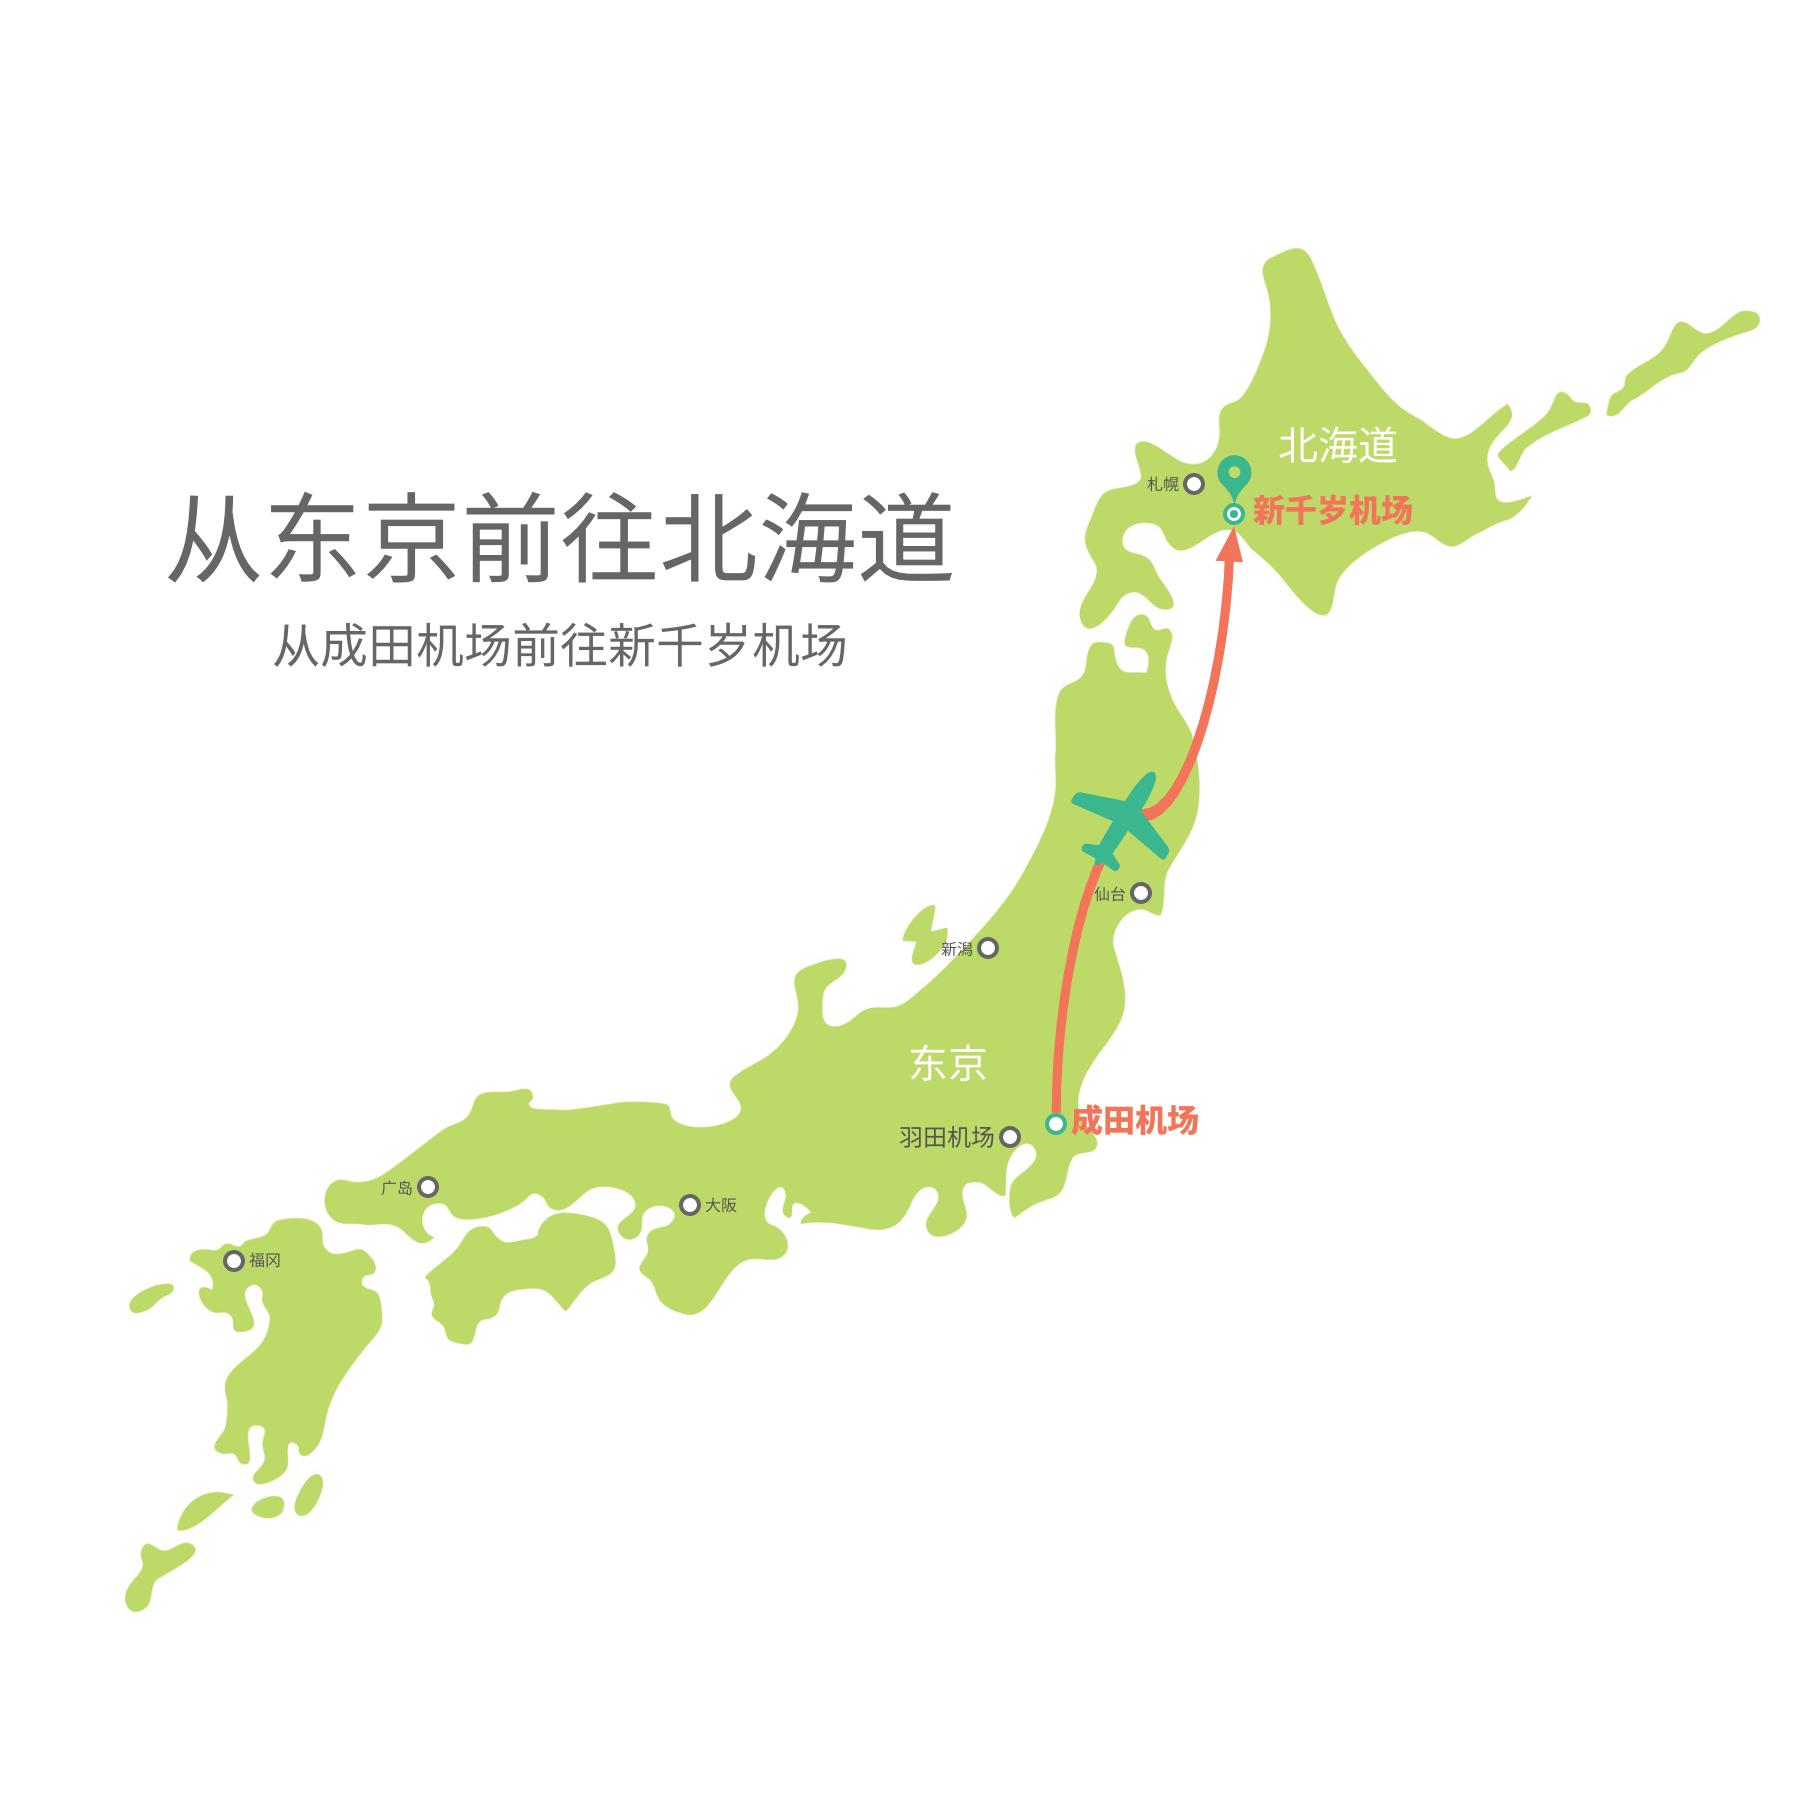 从成田机场到新千岁机场的交通示意图